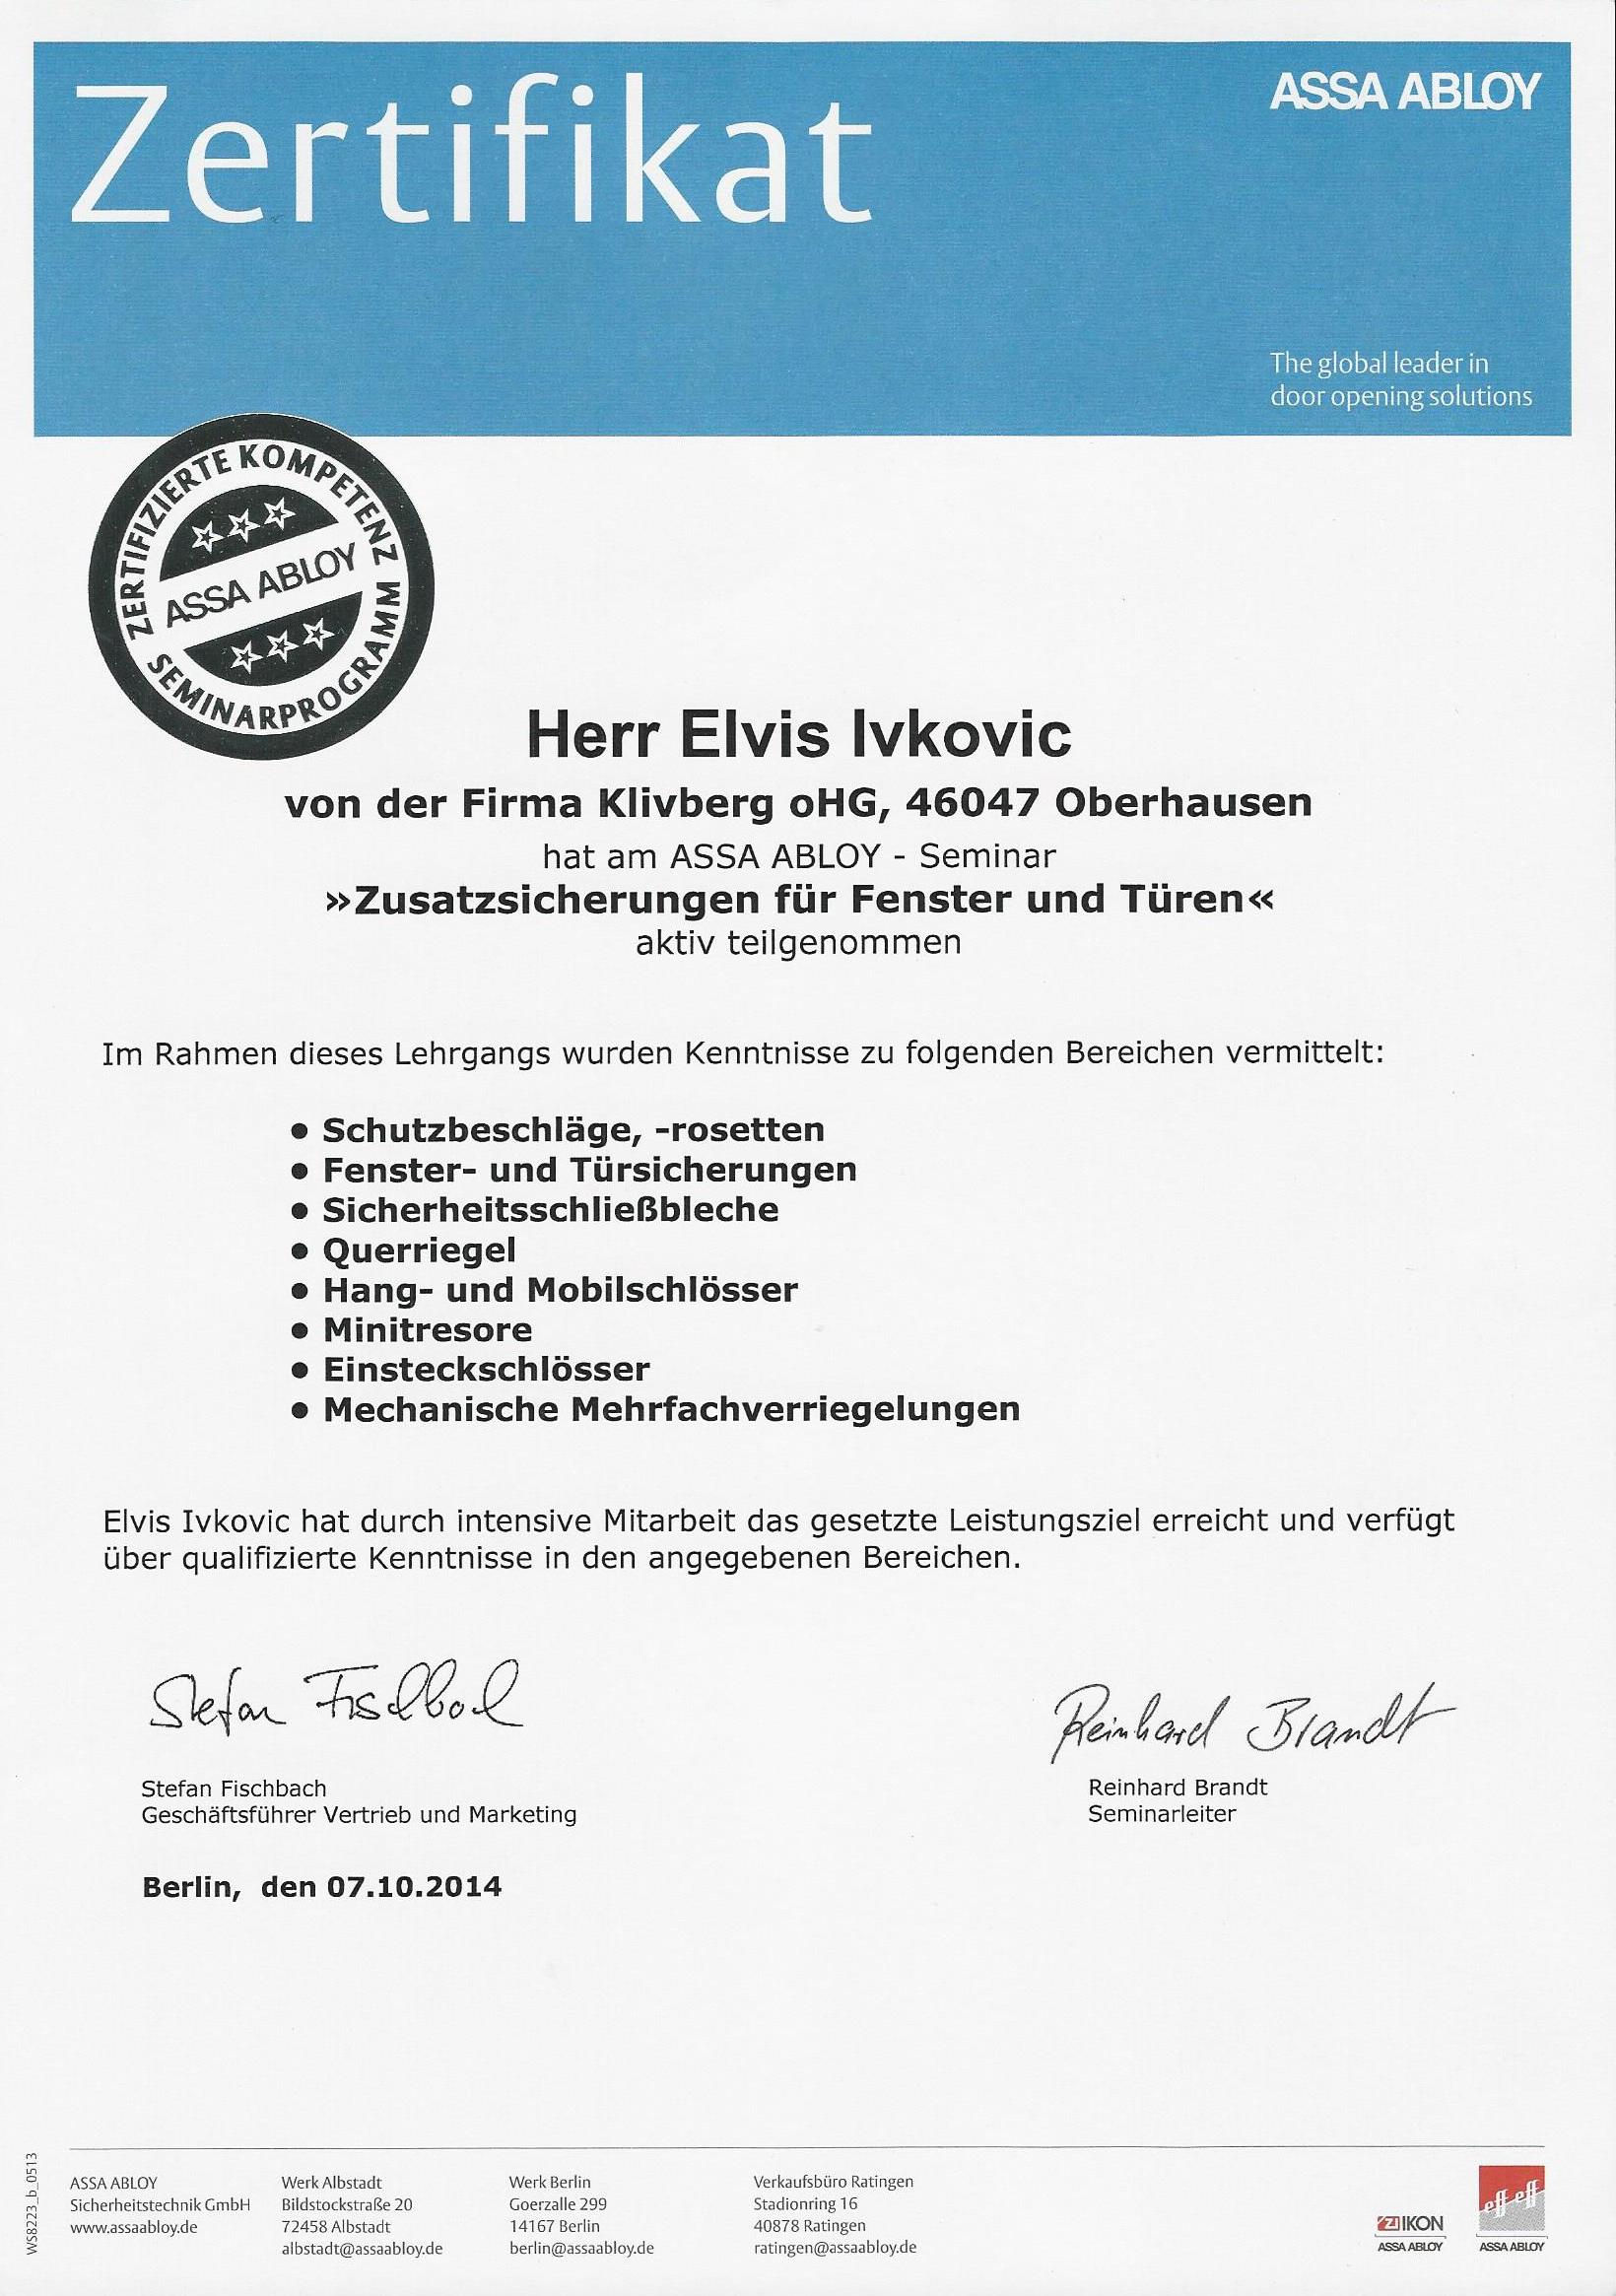 Zertifiziert von Assa Abloy für das nachrüsten von Türsicherungen